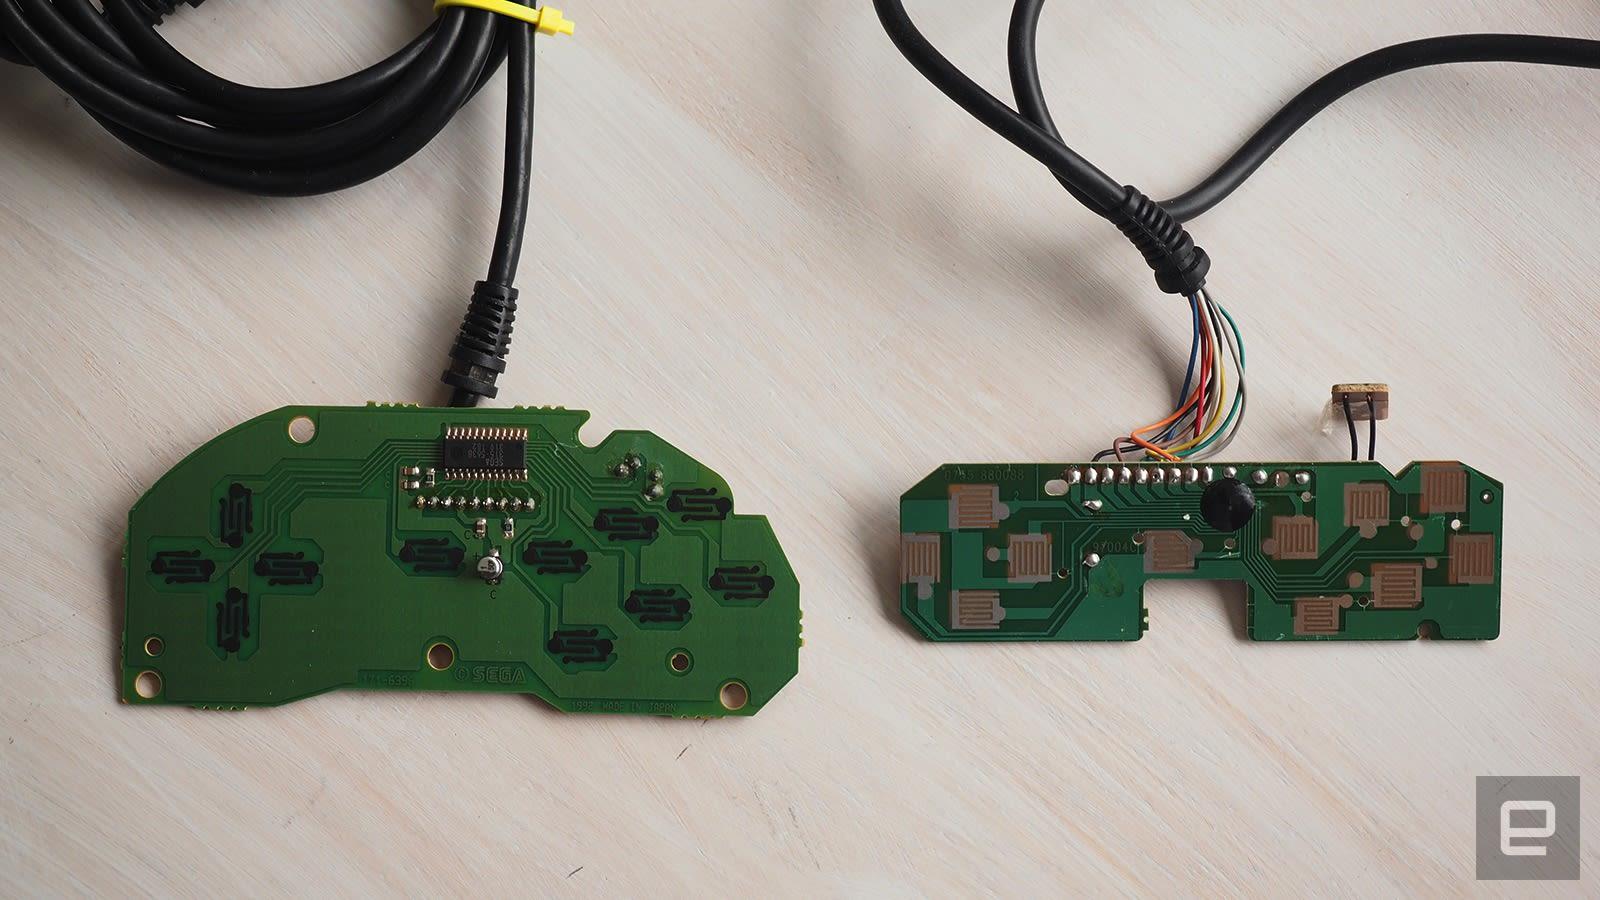 8BitDo DIY kits